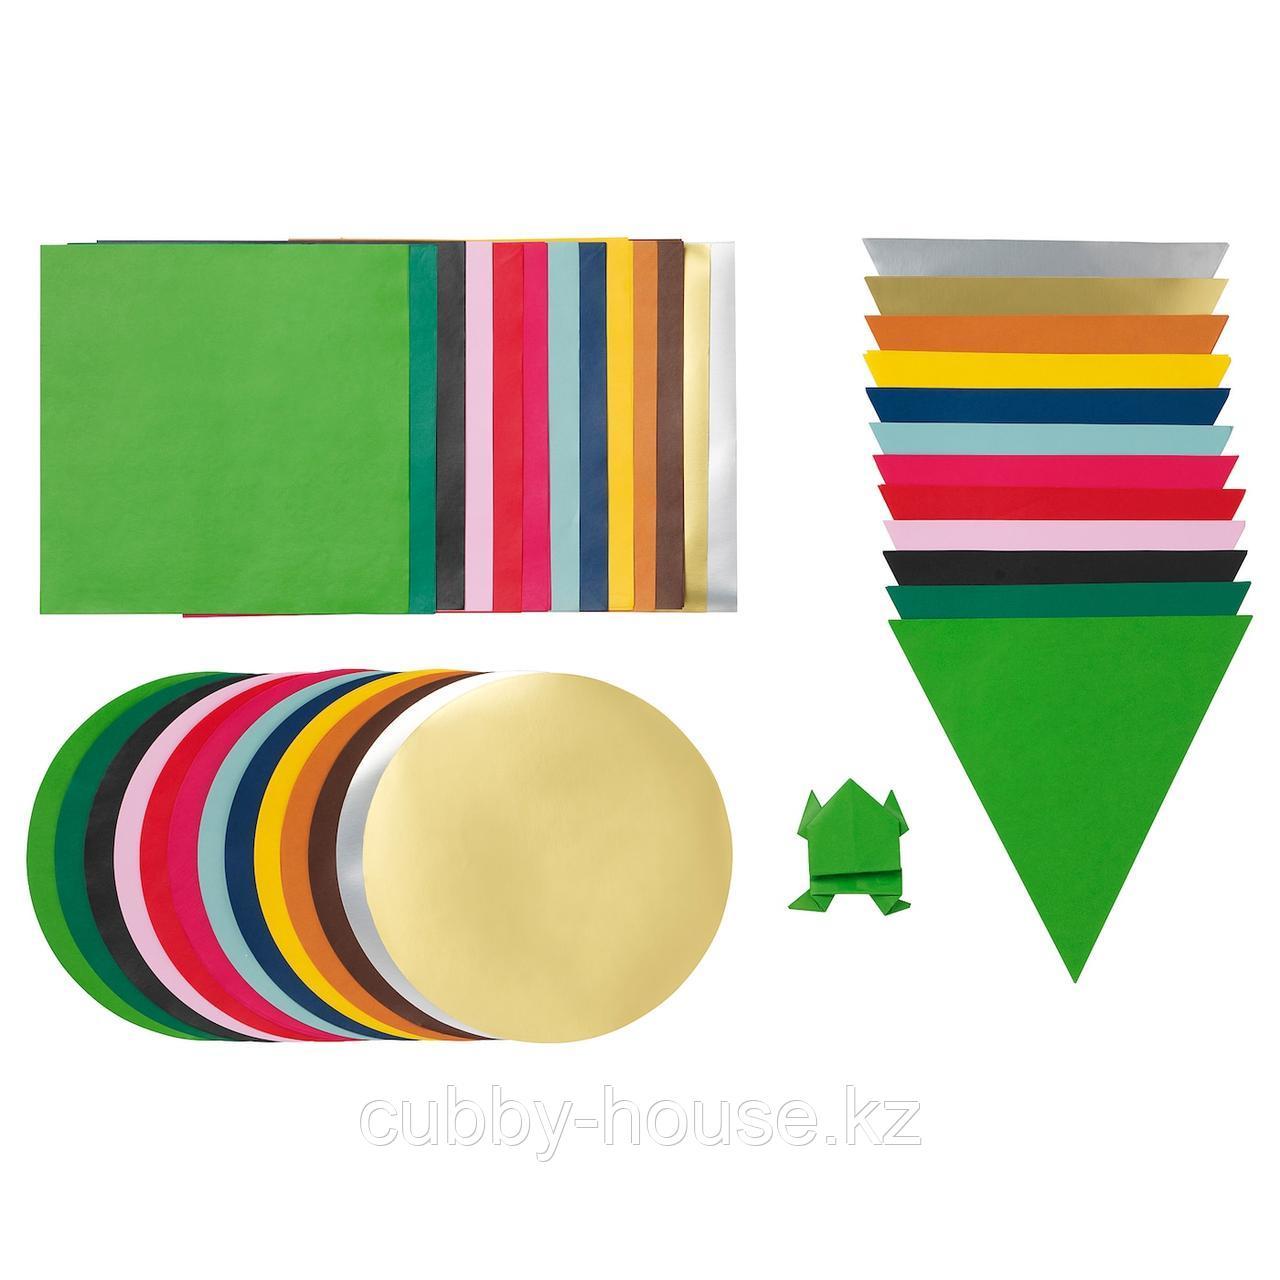 ЛУСТИГТ Бумага для оригами, разные цвета, разные формы различные формы